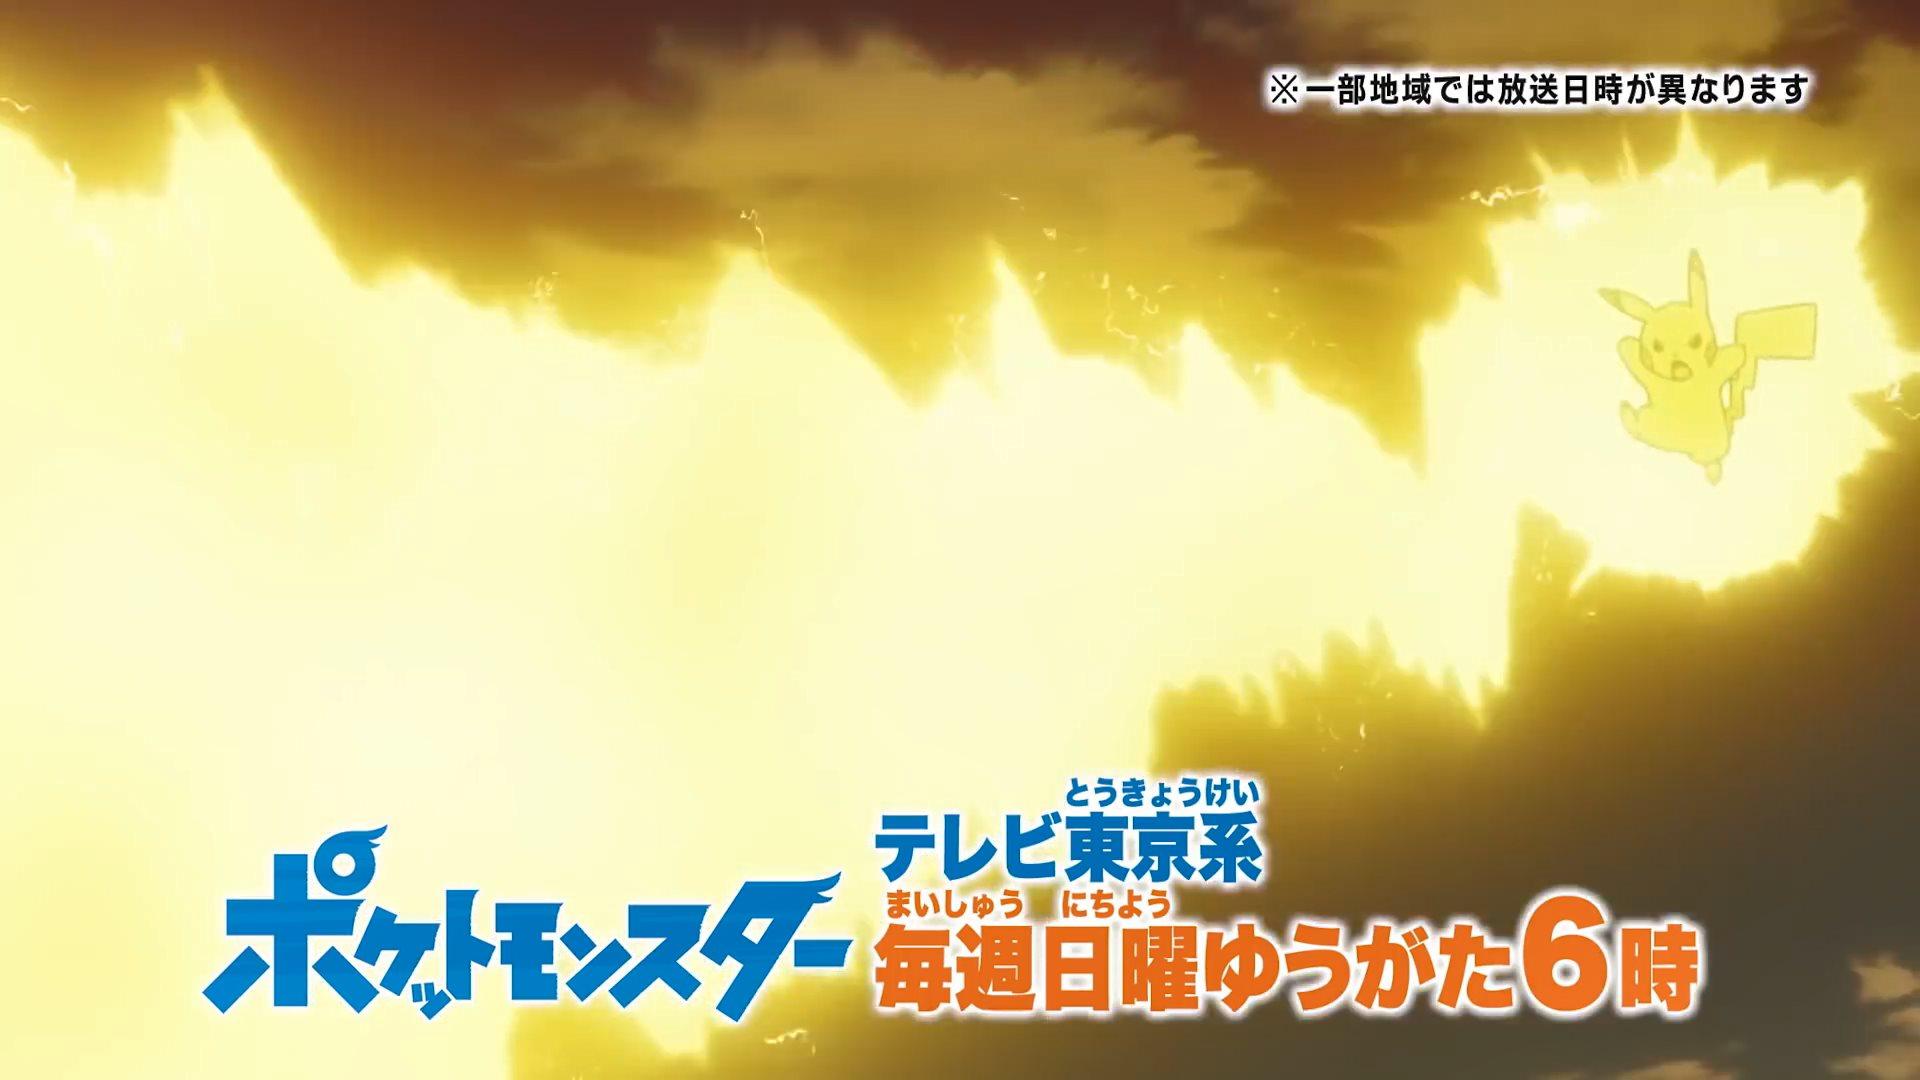 《寶可夢》新動畫宣傳片公開 皮神十萬伏特警告!